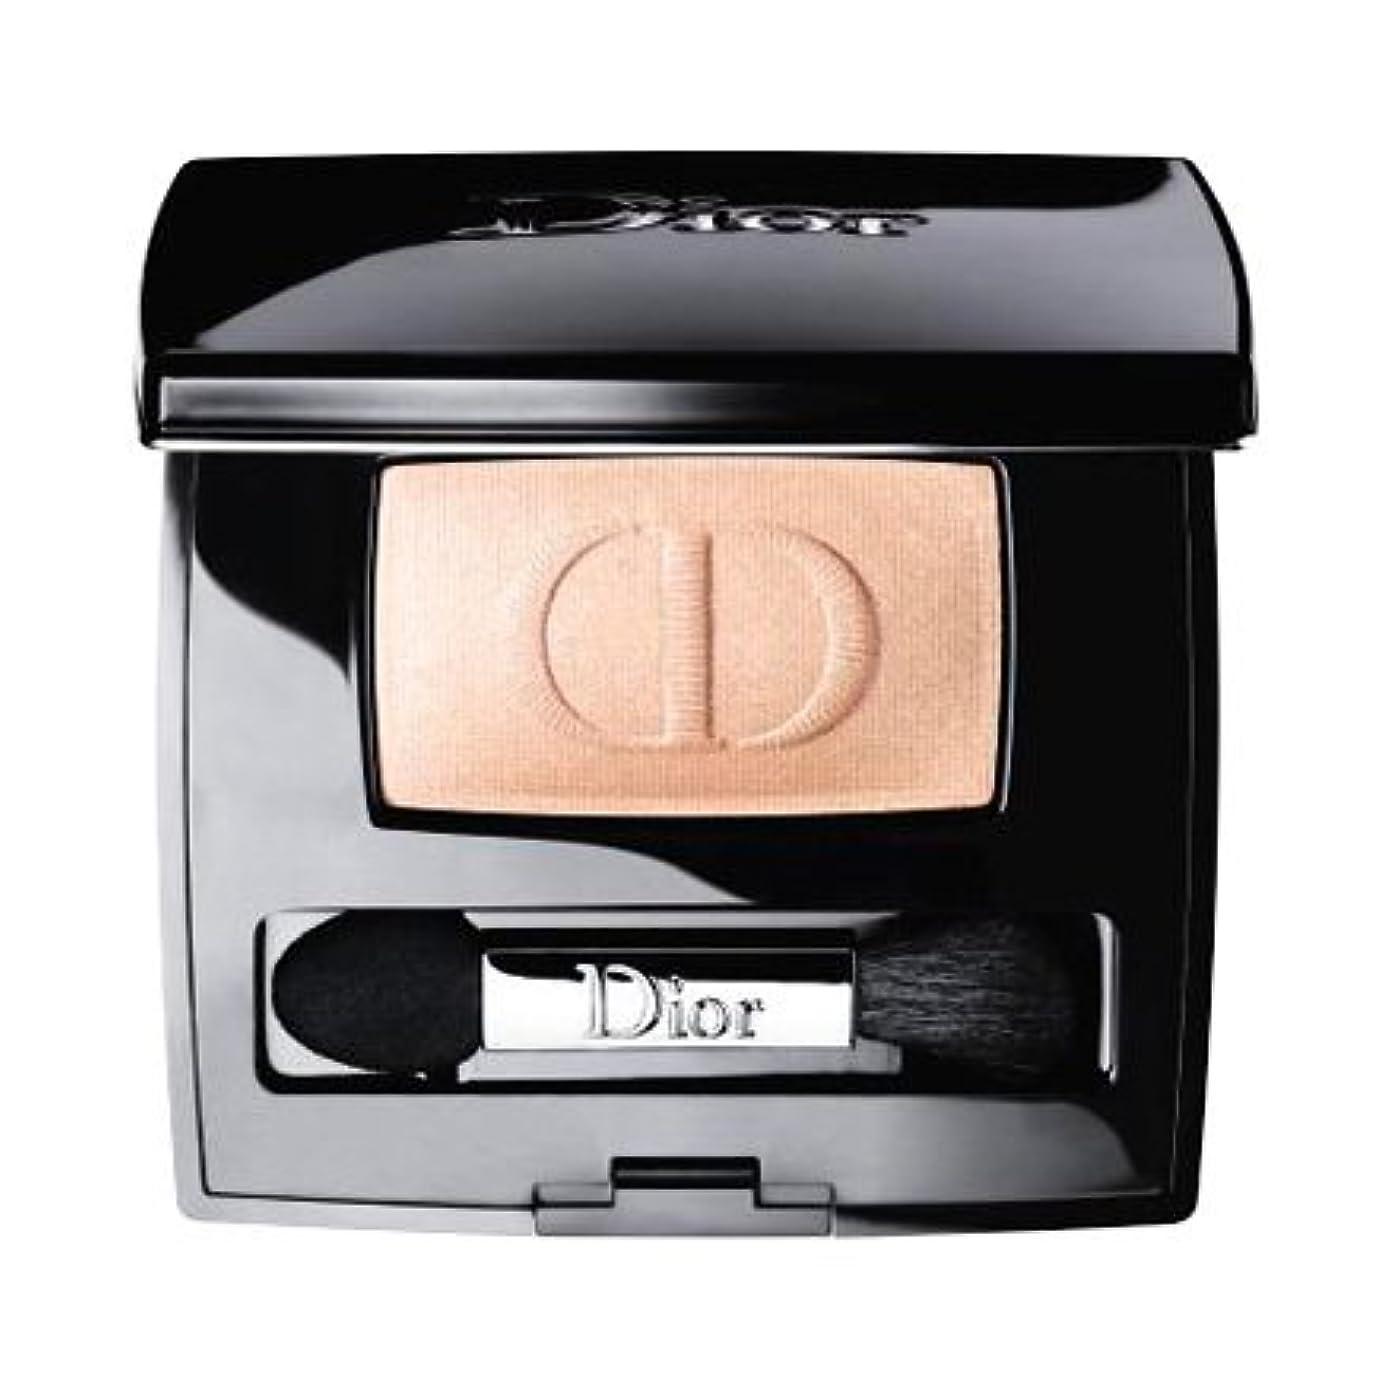 値下げ許可炎上Christian Dior クリスチャン ディオール ディオール ショウ モノ #623 RUBAN / RIBBON 2.2g [並行輸入品]